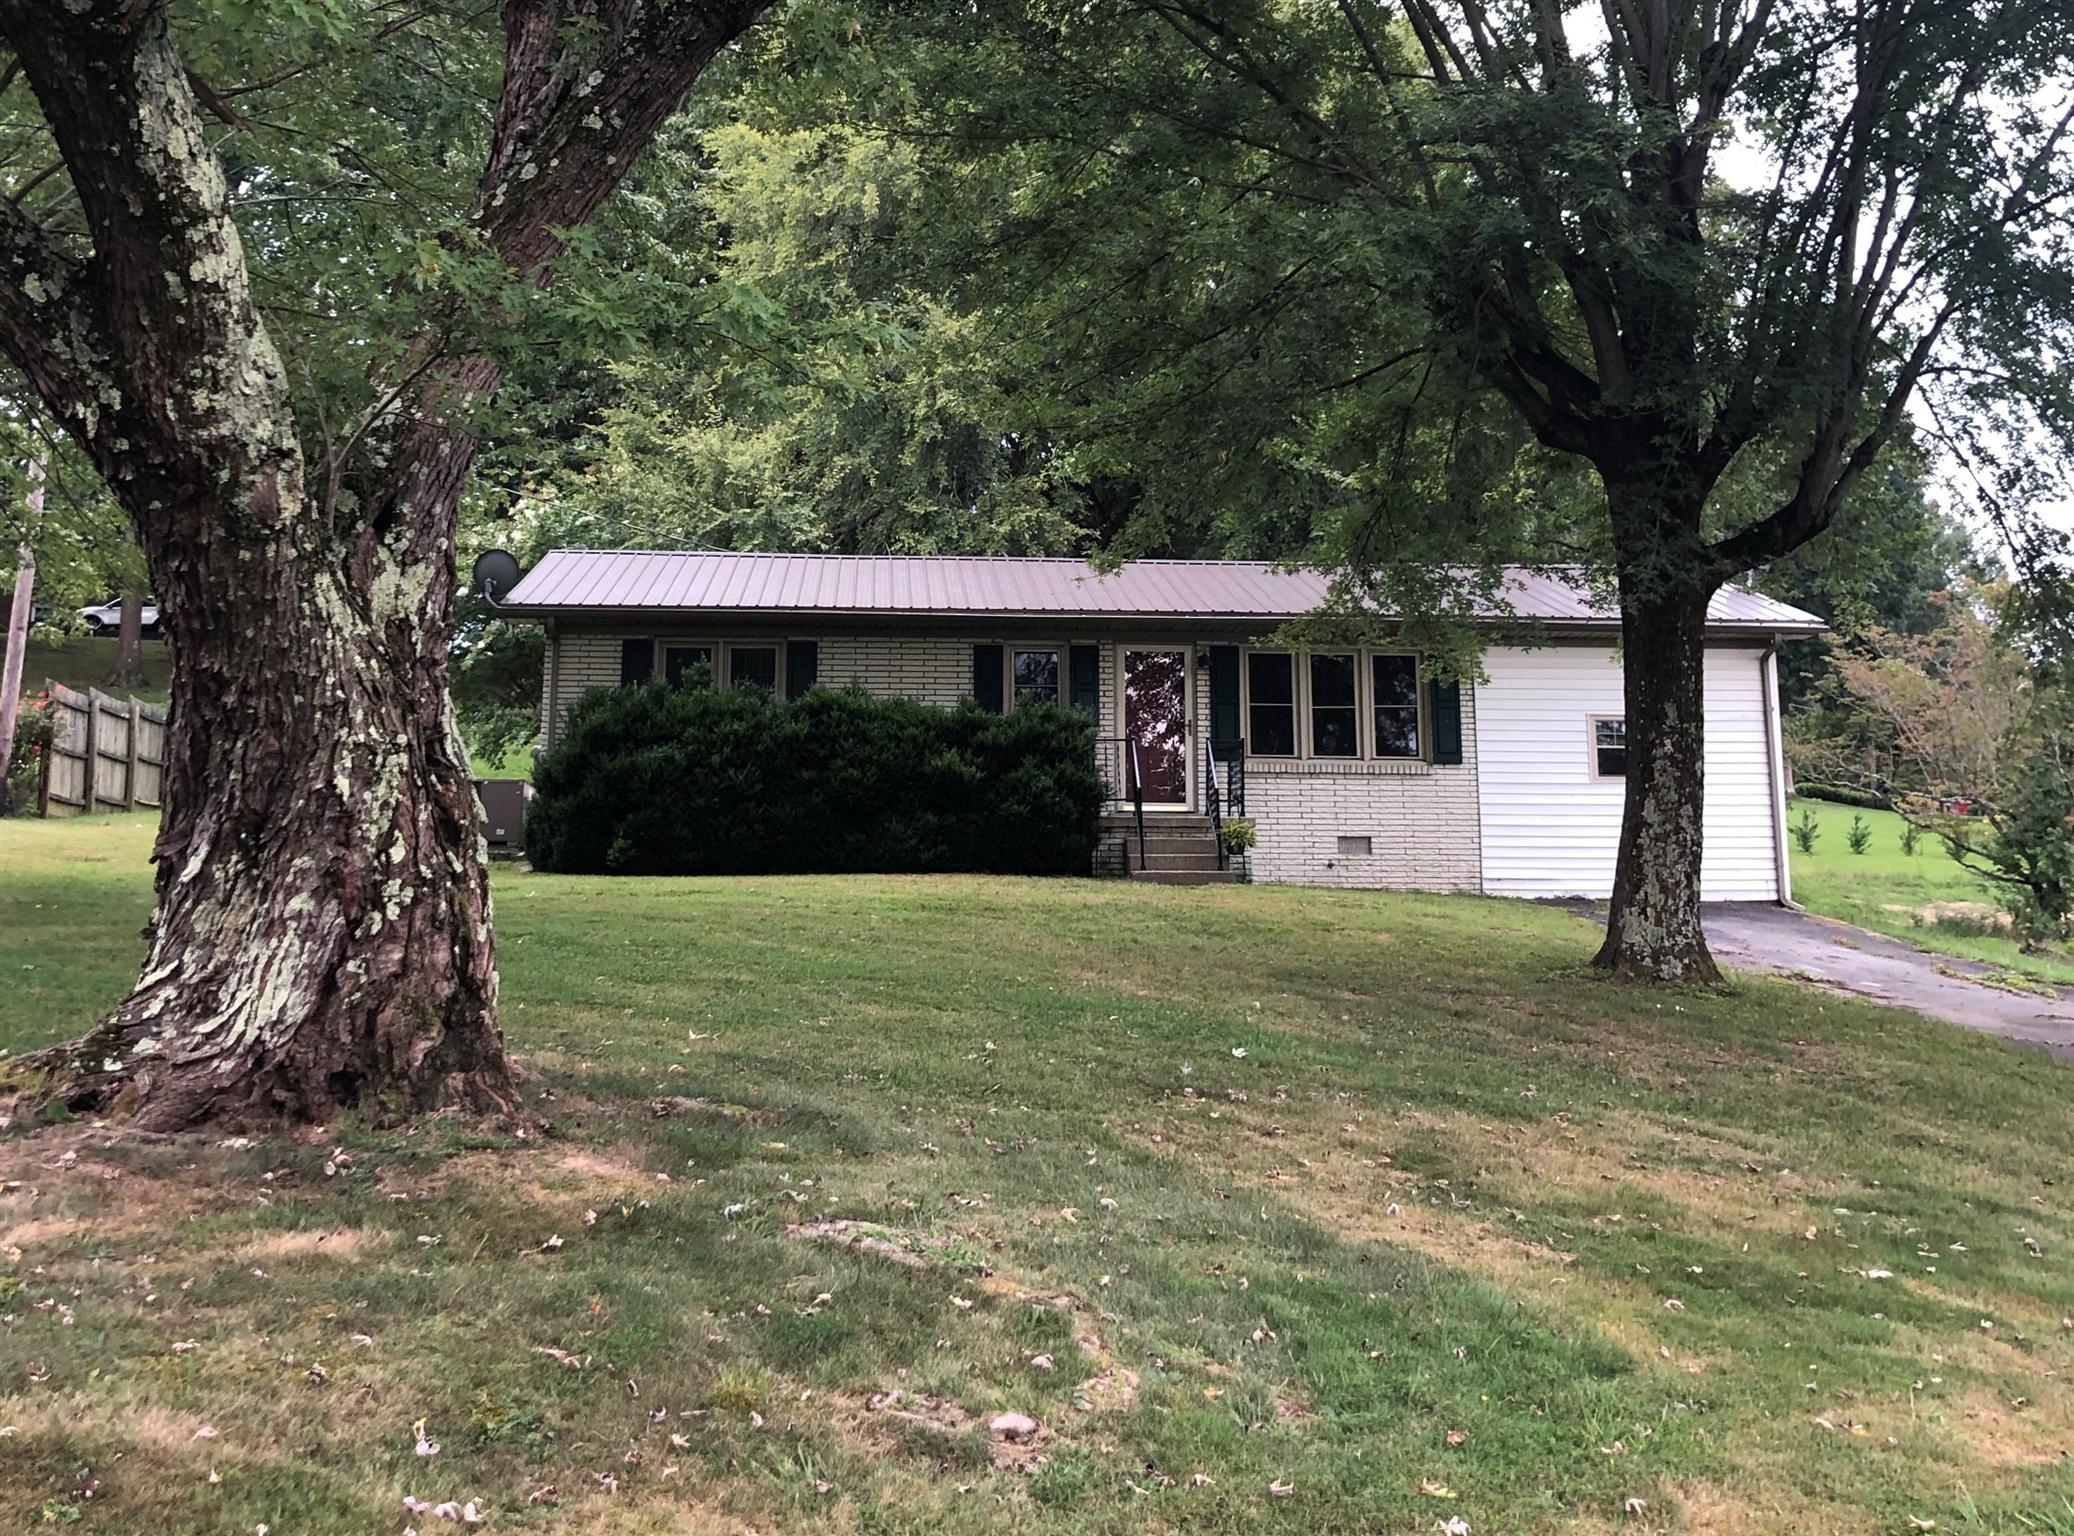 1214 N 1St St, Westmoreland, TN 37186 - Westmoreland, TN real estate listing